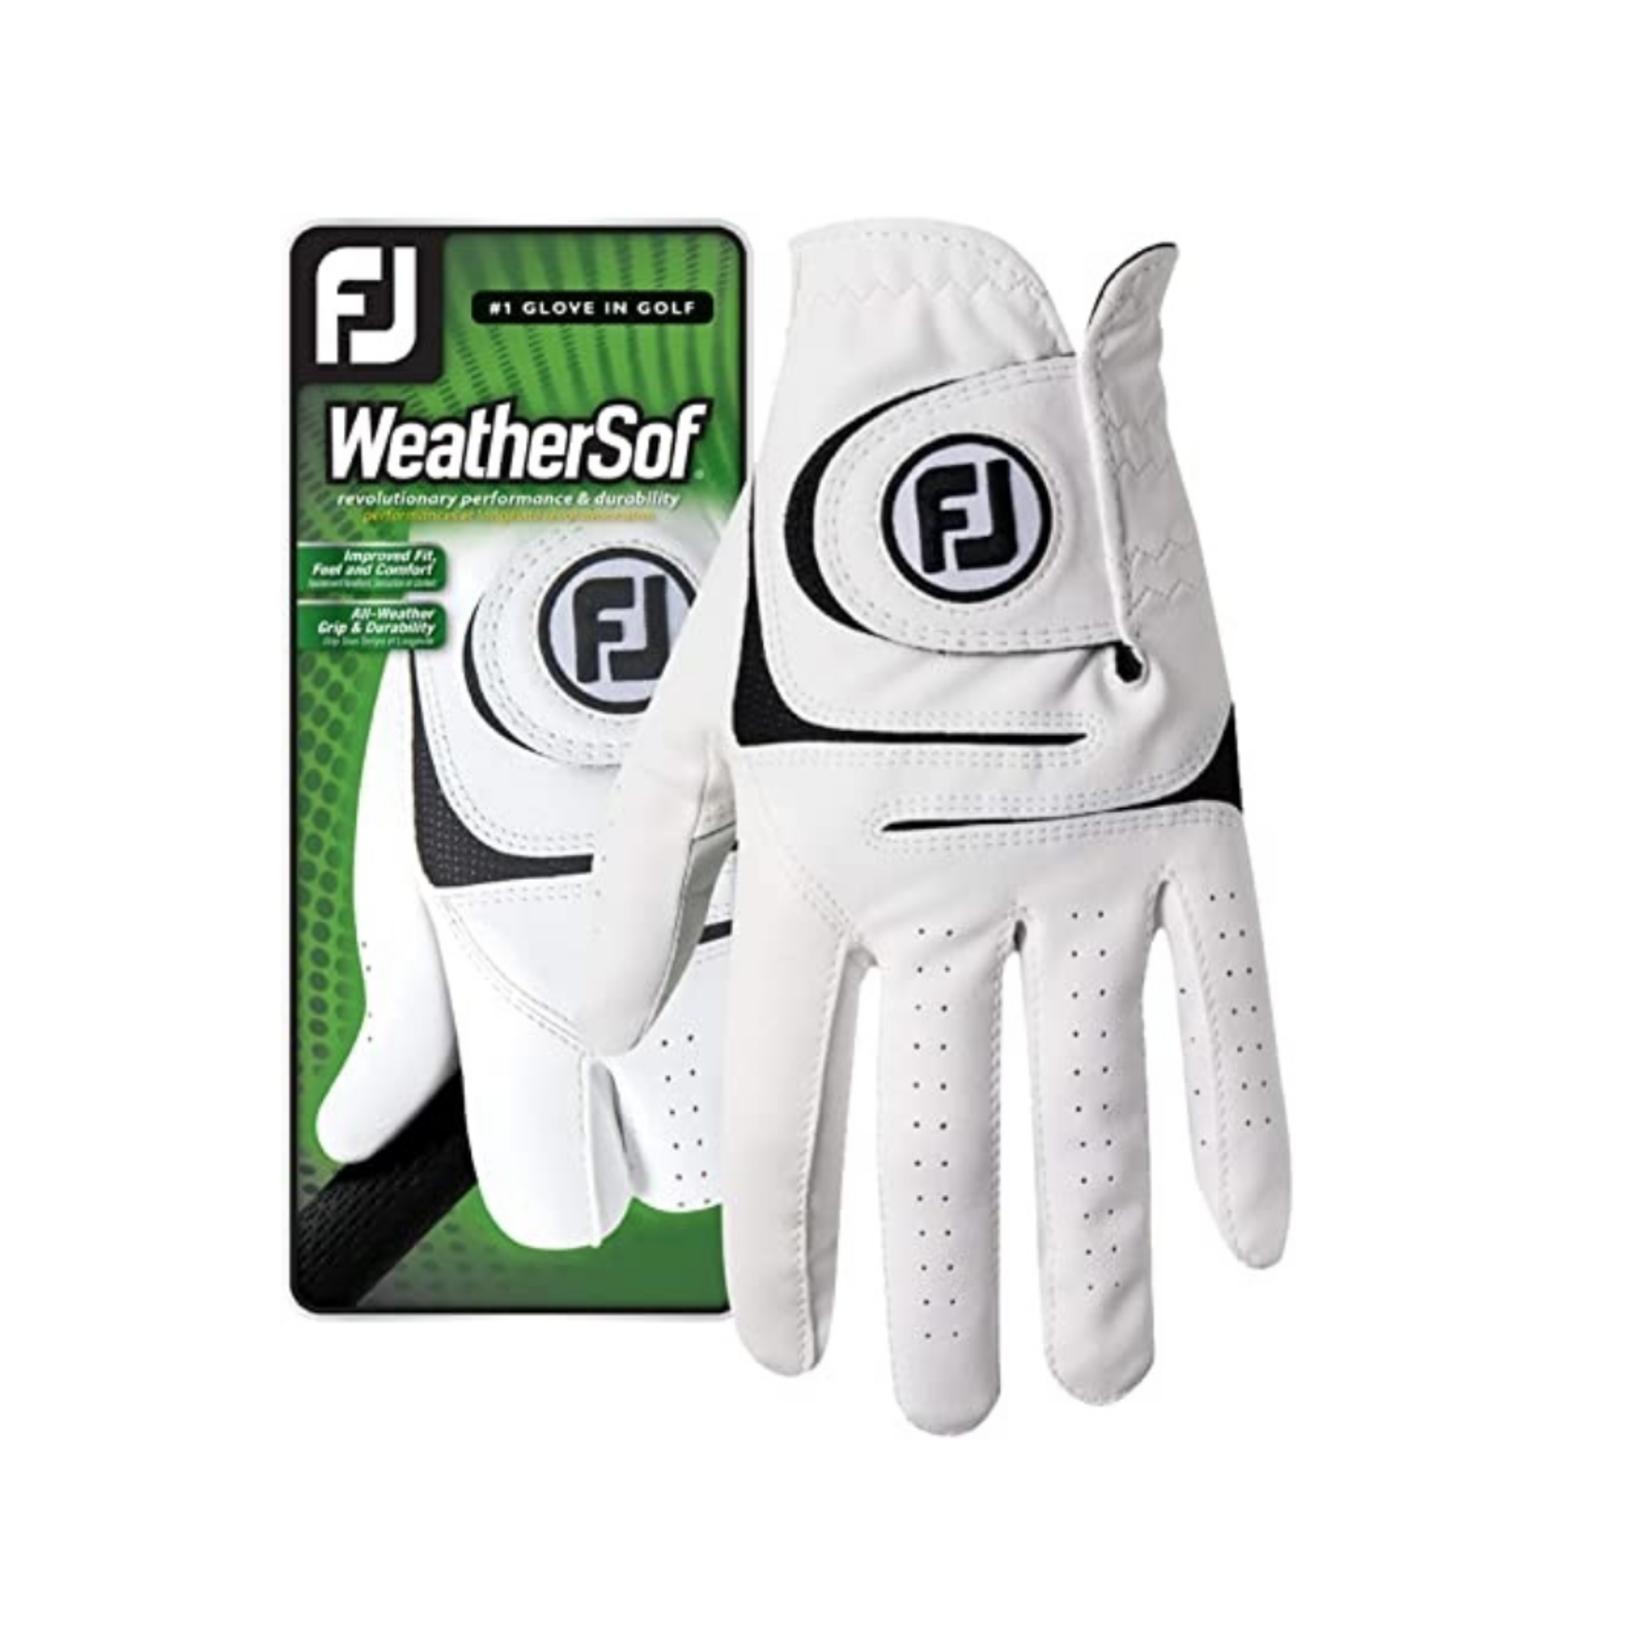 Footjoy FJ WeatherSof Wmn's Gloves RH